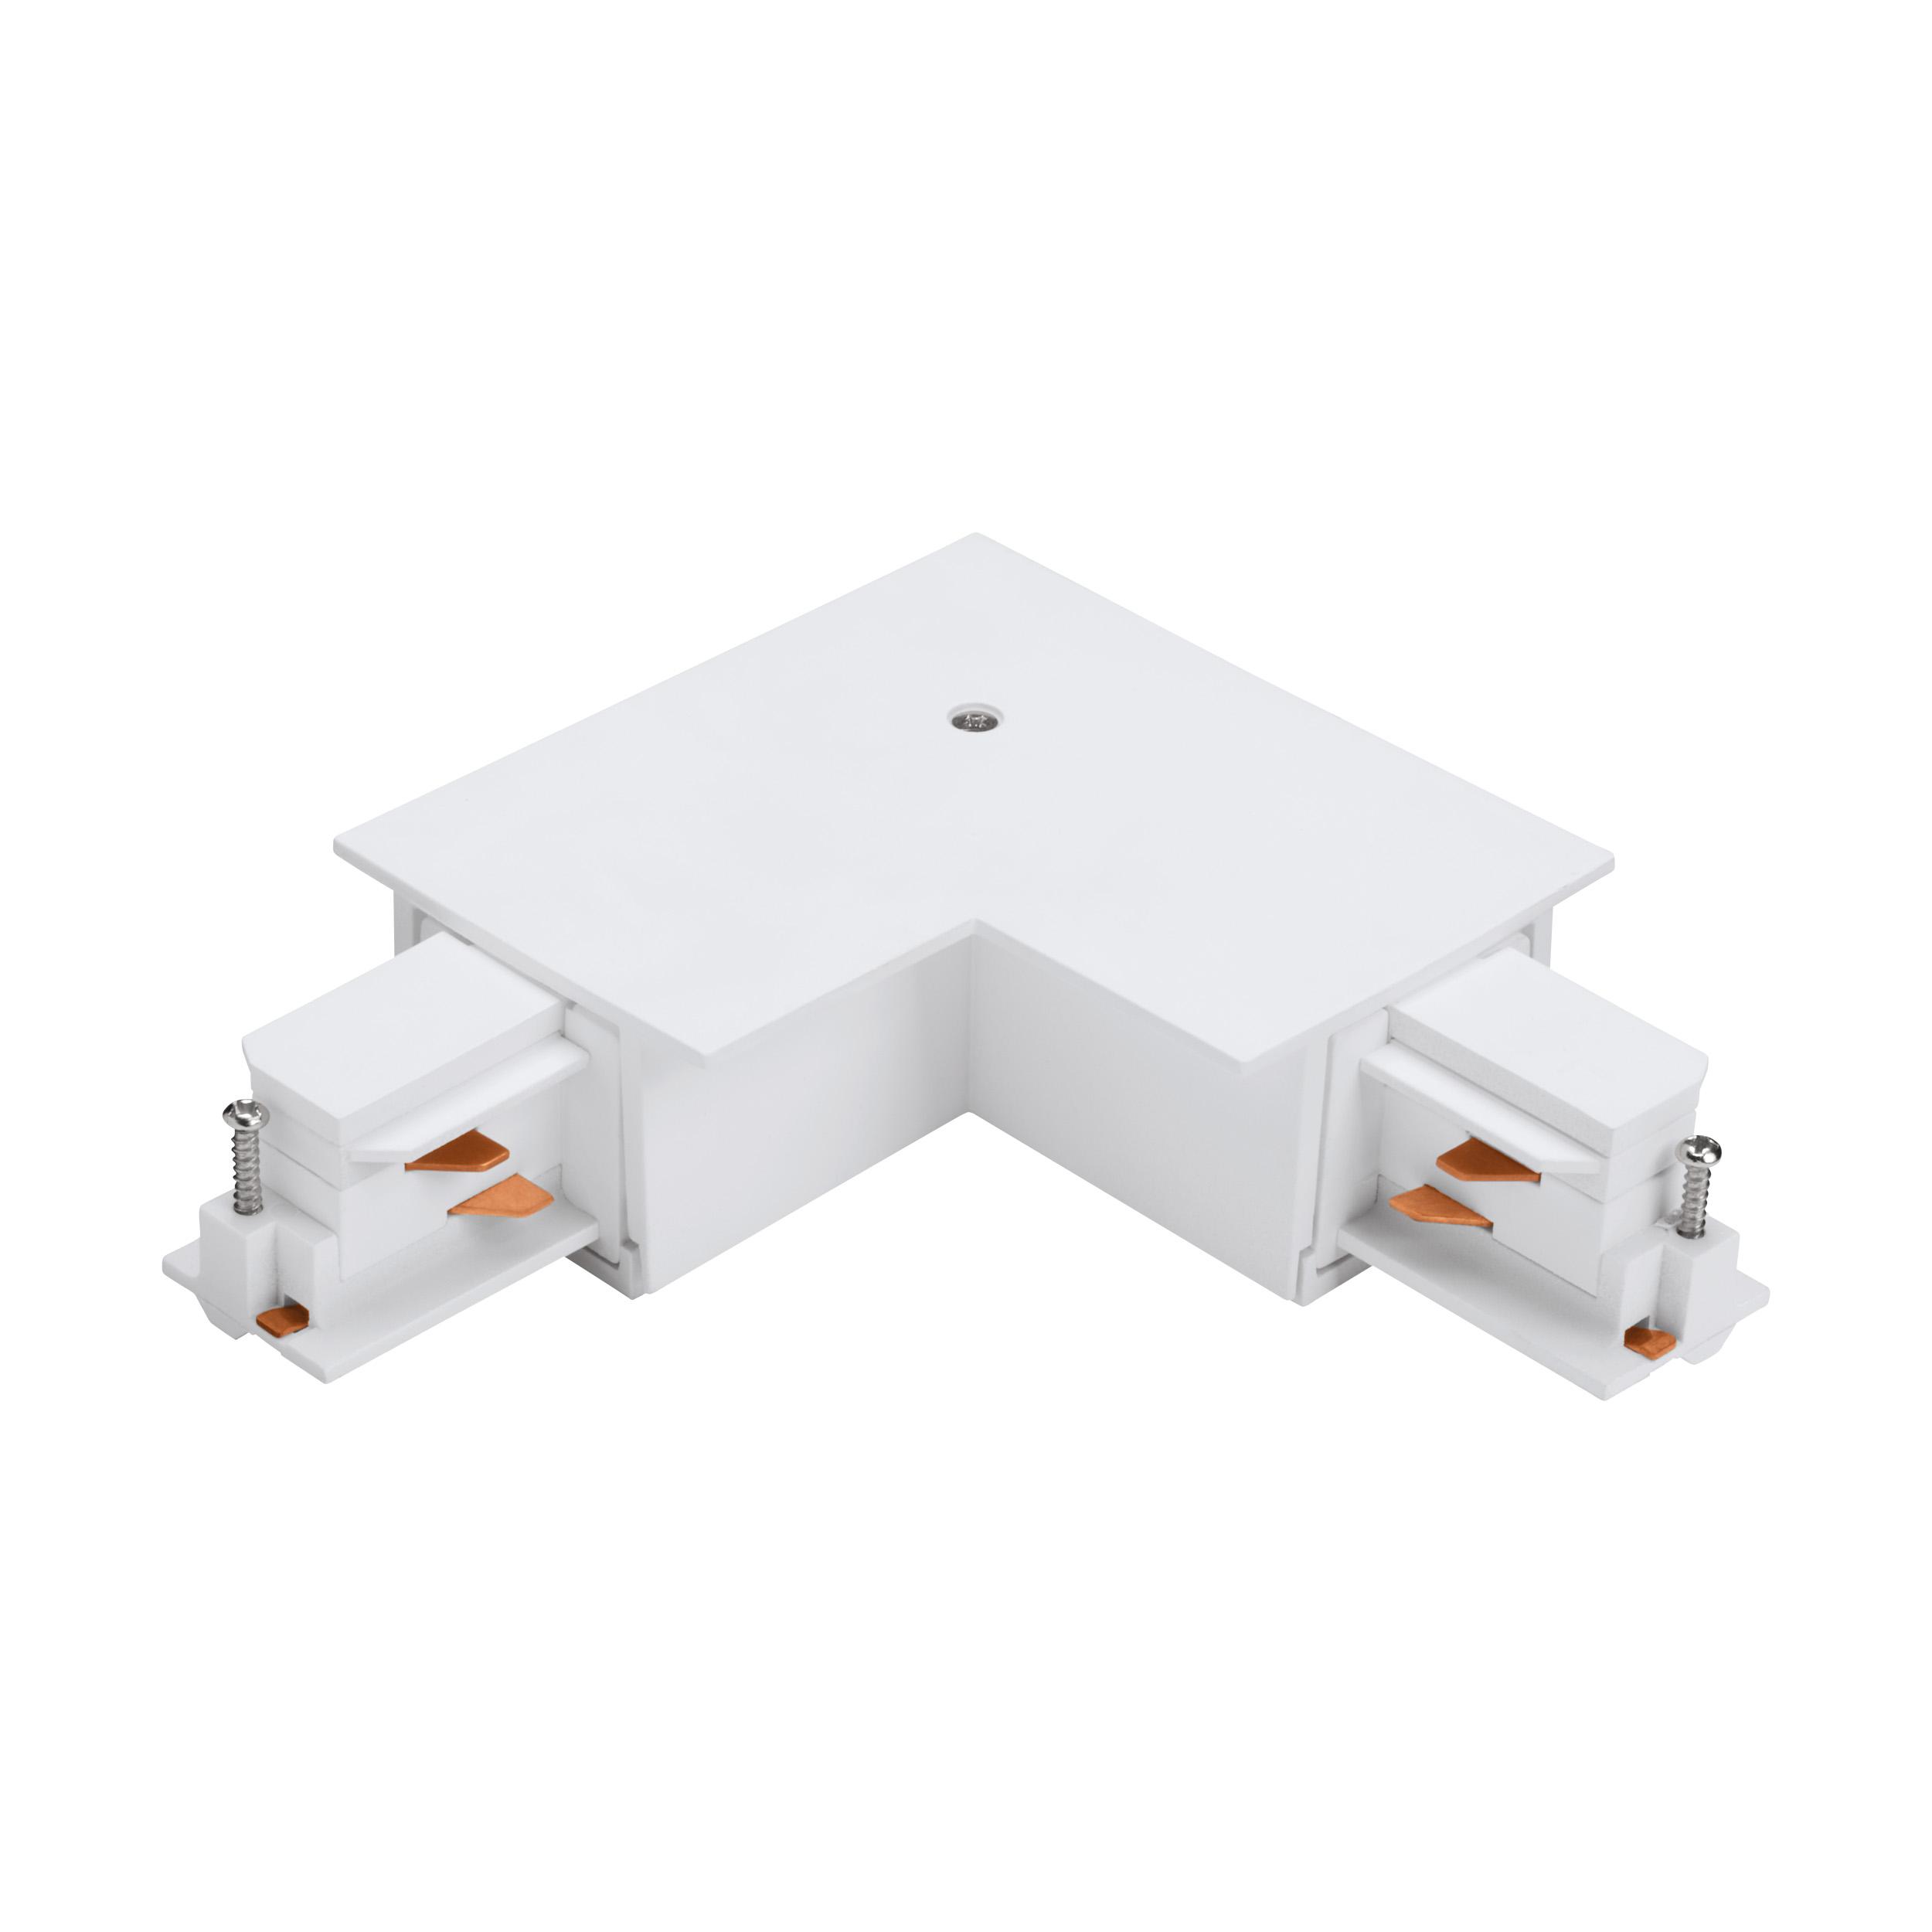 1 Stk 3-Phasen 90° Verbinder Einbau weiß, Kunststoff, außen LI60763---